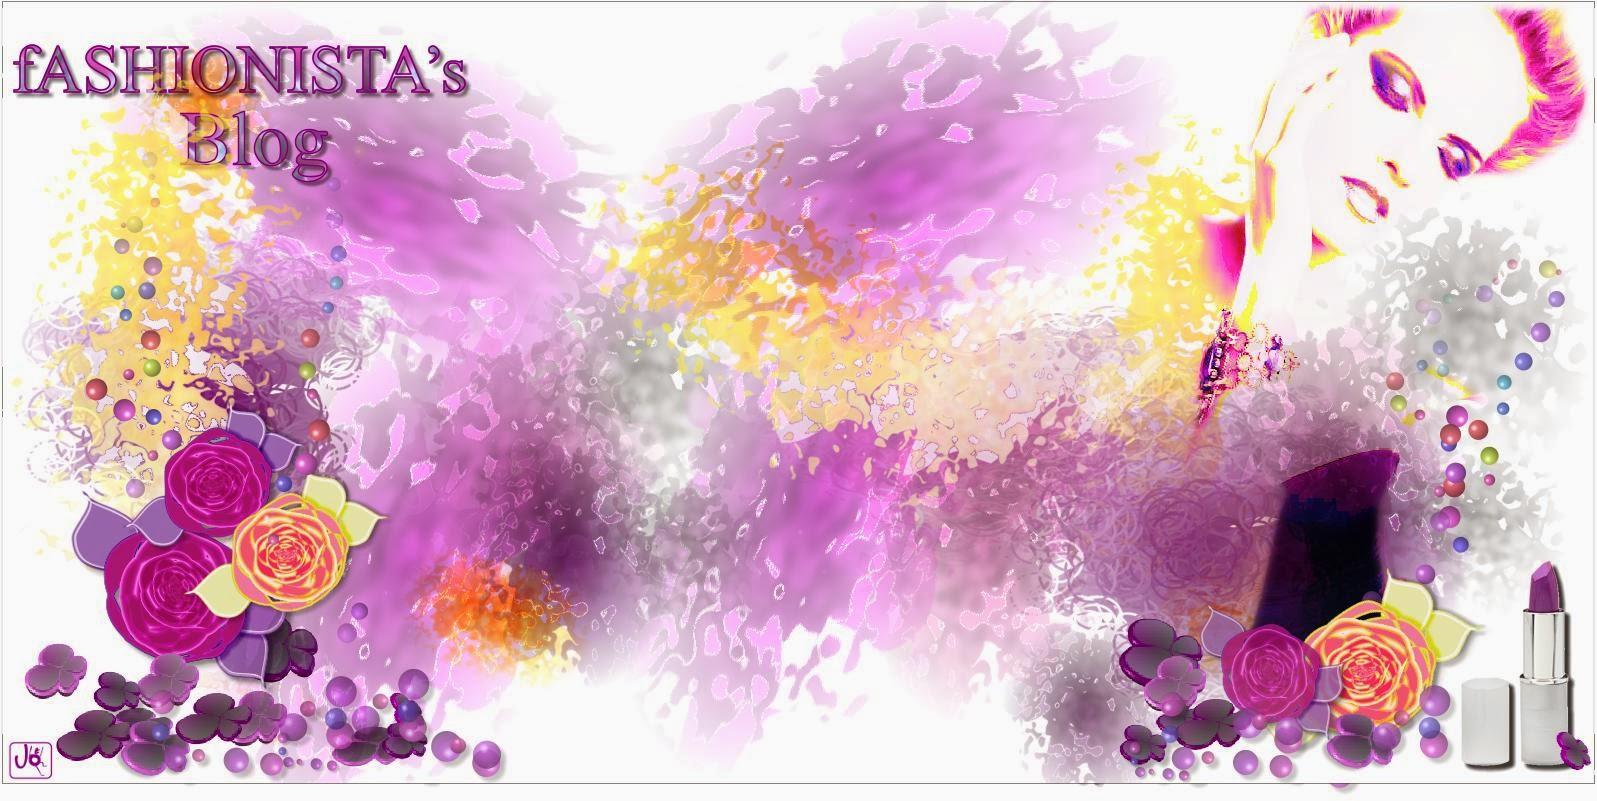 Changer le fond du blog Fashionista+V+2